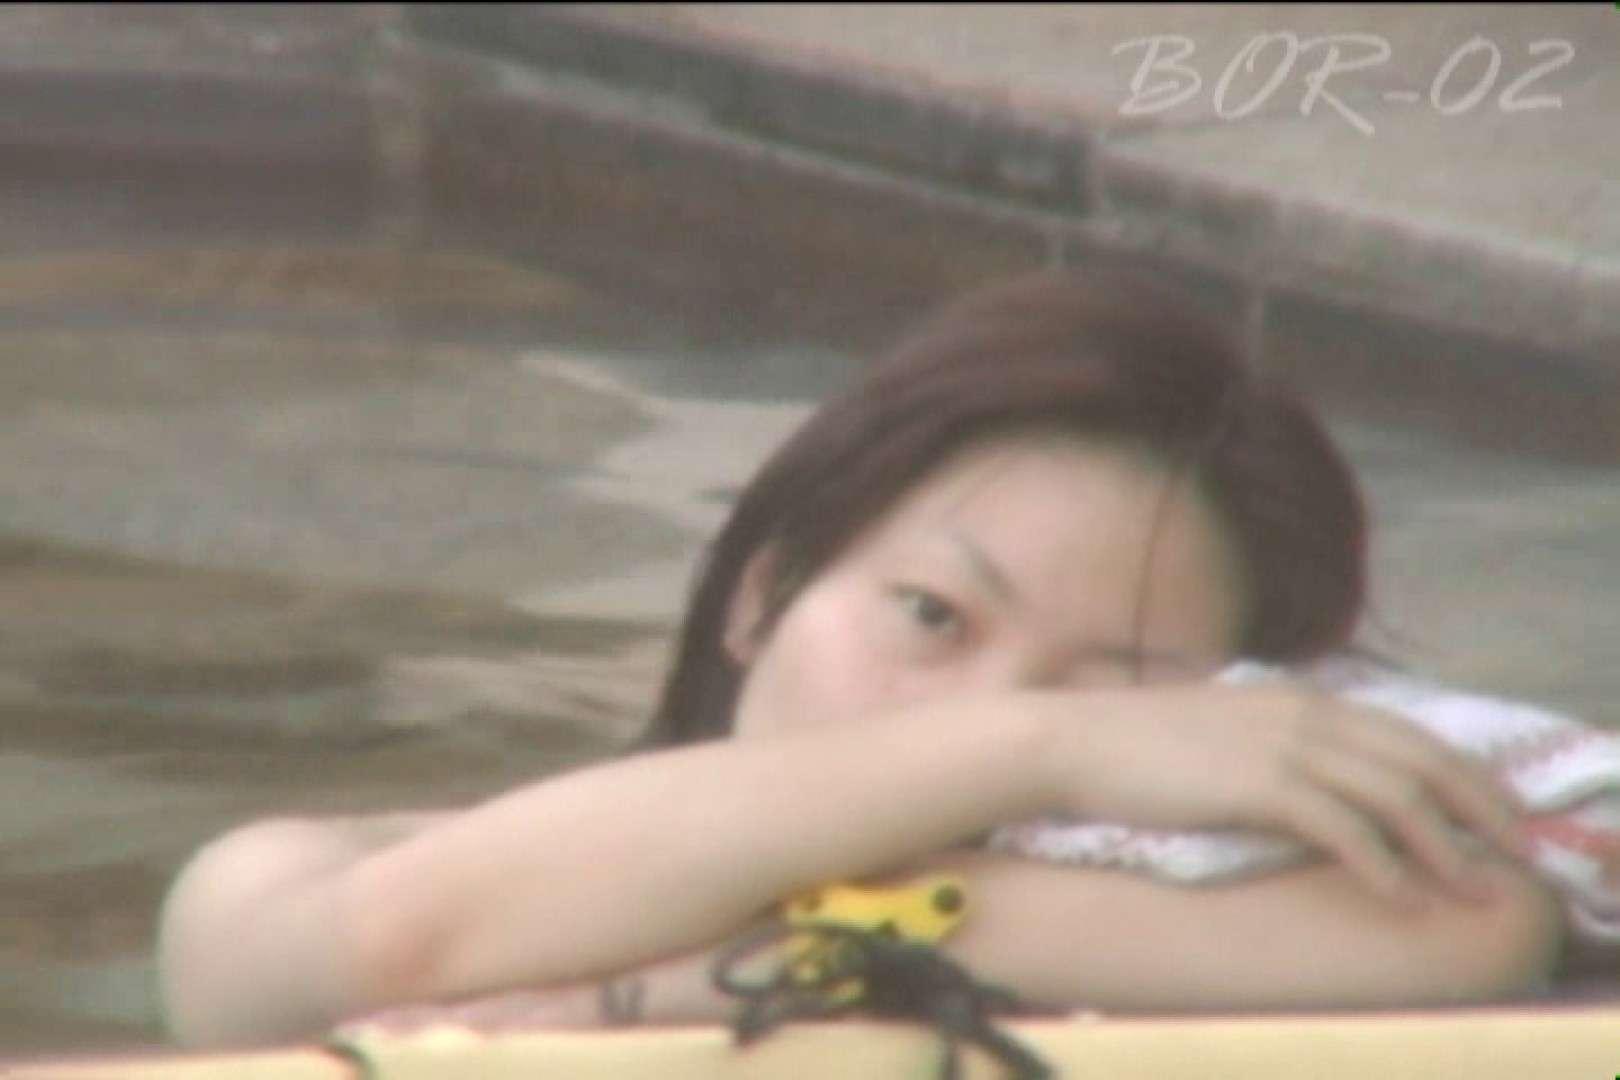 Aquaな露天風呂Vol.479 美しいOLの裸体  92pic 15